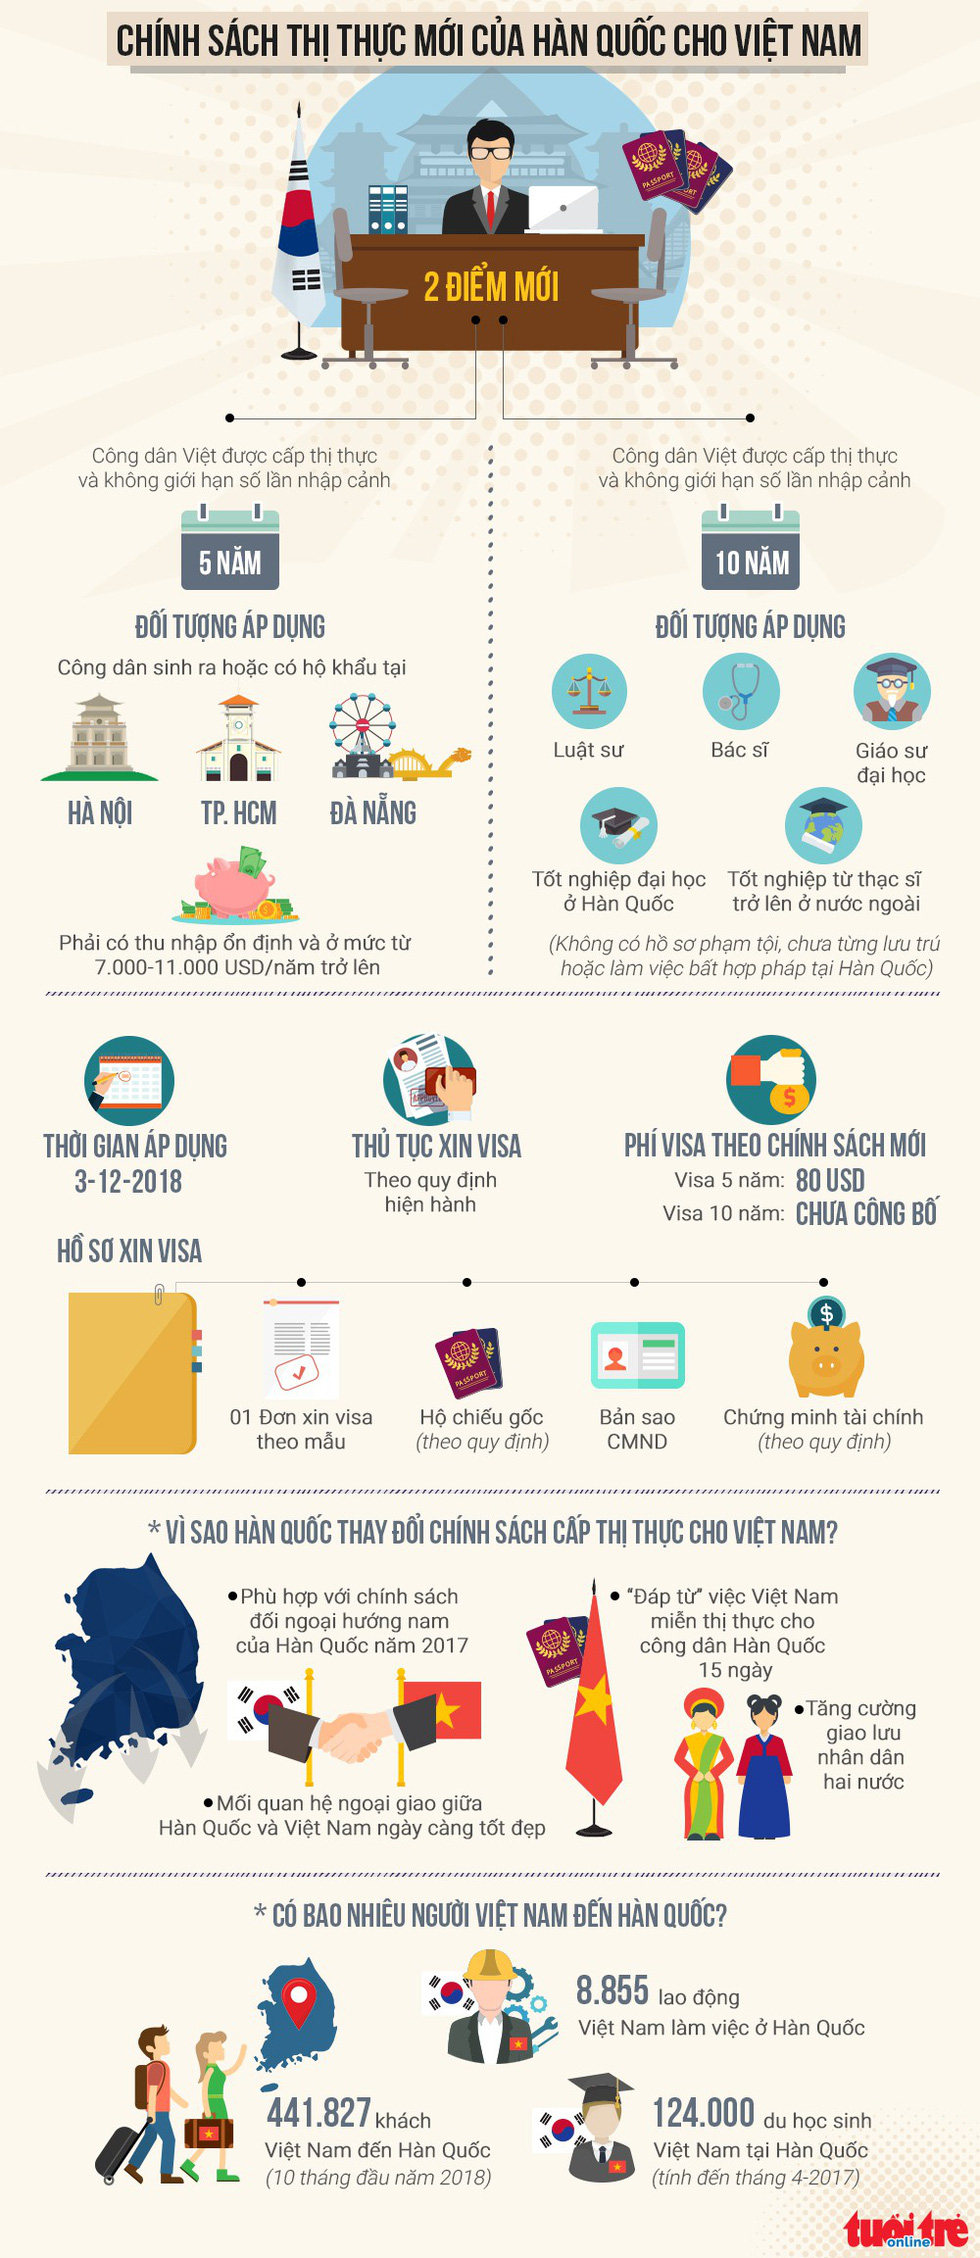 Toàn cảnh chính sách thị thực mới của Hàn Quốc cho người Việt - Ảnh 1.